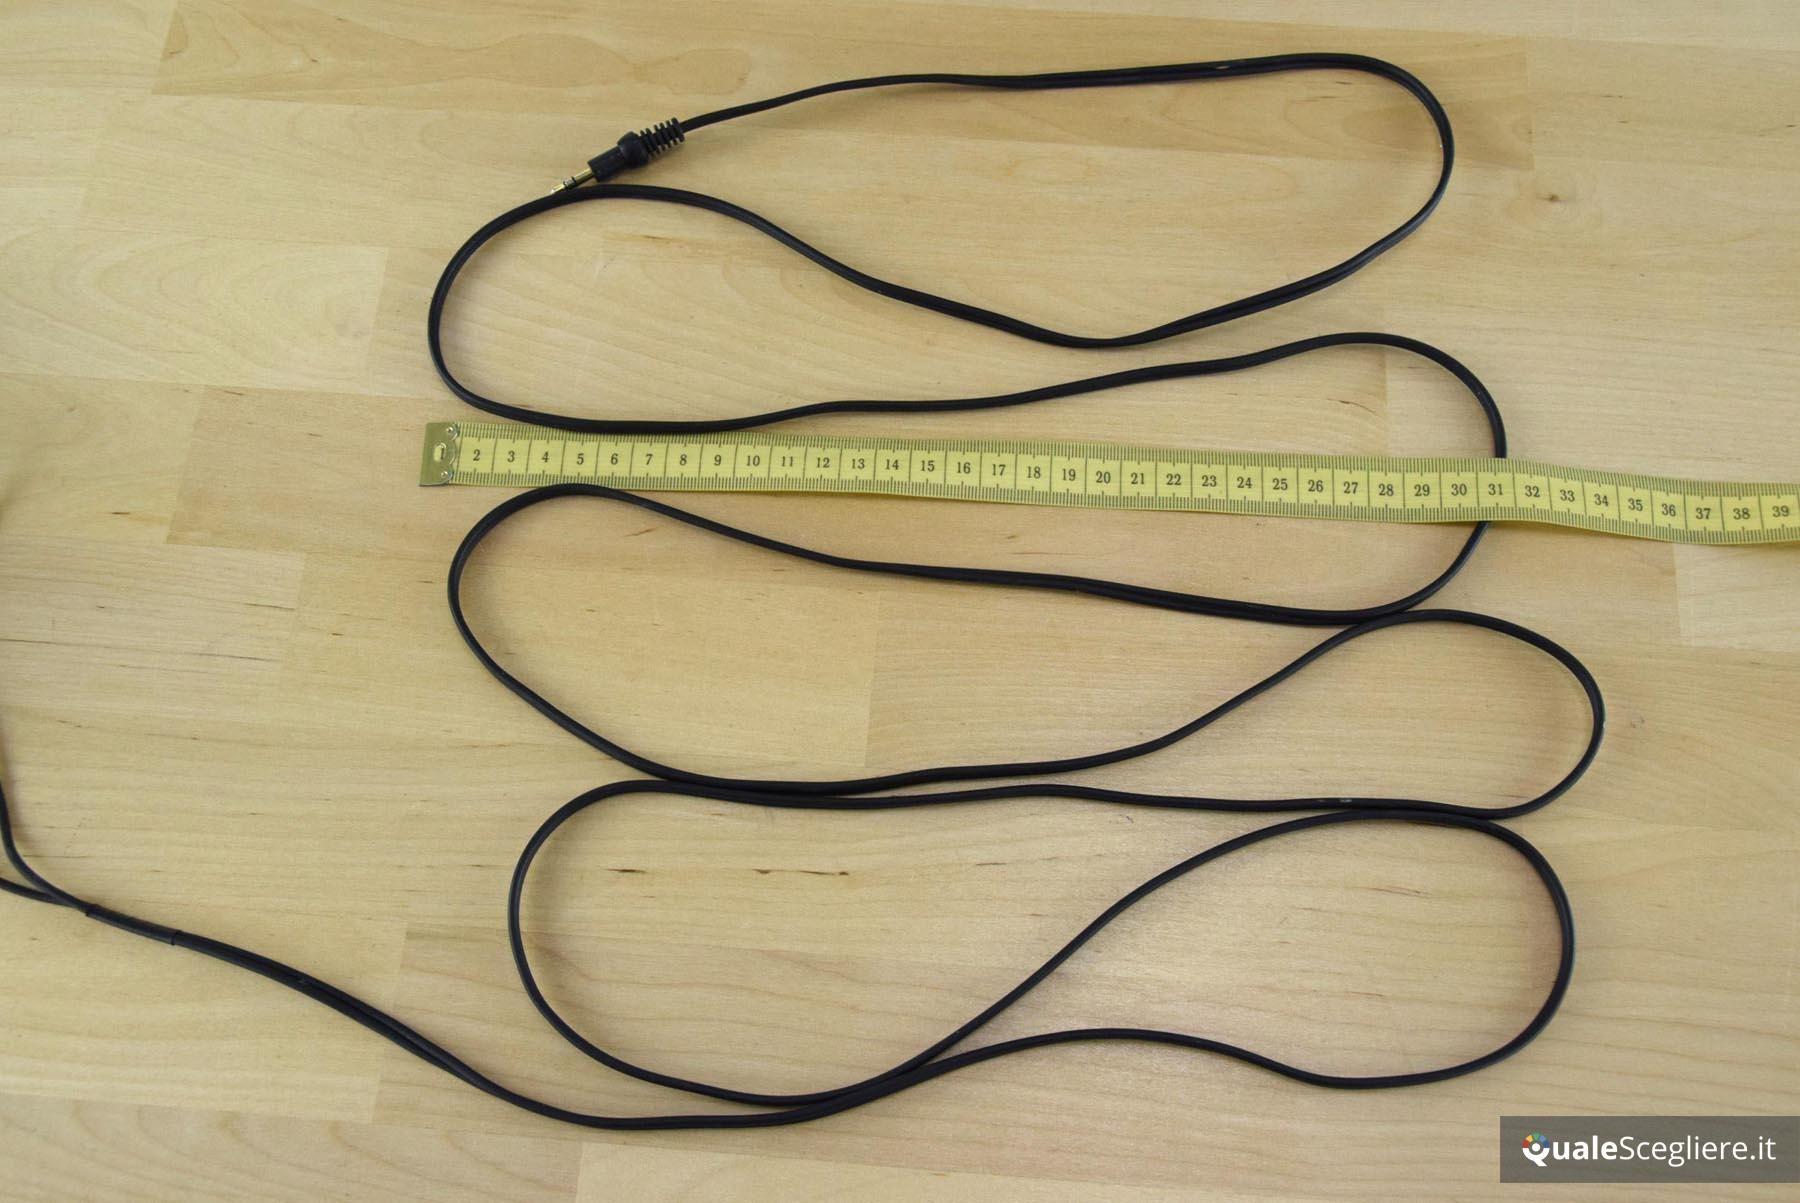 7746145eb9154a Nel caso particolare in cui prevediate di usare le cuffie fuori casa, poi,  consigliamo di scegliere delle cuffie dotate di un cavo piatto  antigroviglio.